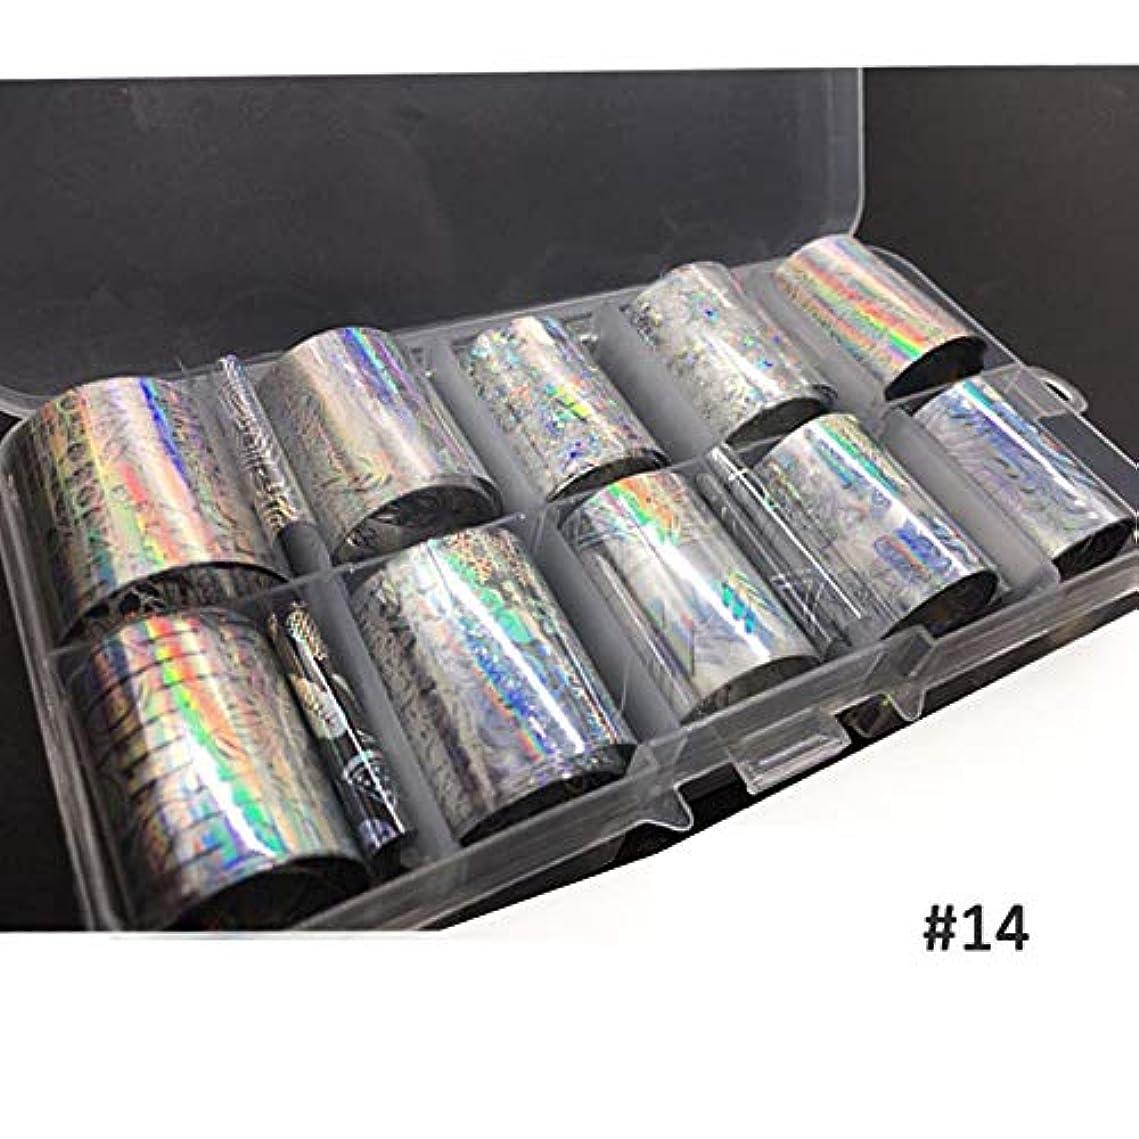 かまどためらう木材SUKTI&XIAO ネイルステッカー 2.5 * 100センチ10ピース/ボックスホログラフィックネイルフォイルセット透明色ダイヤモンド星空スカイネイルアート転送ステッカーマニキュア、14